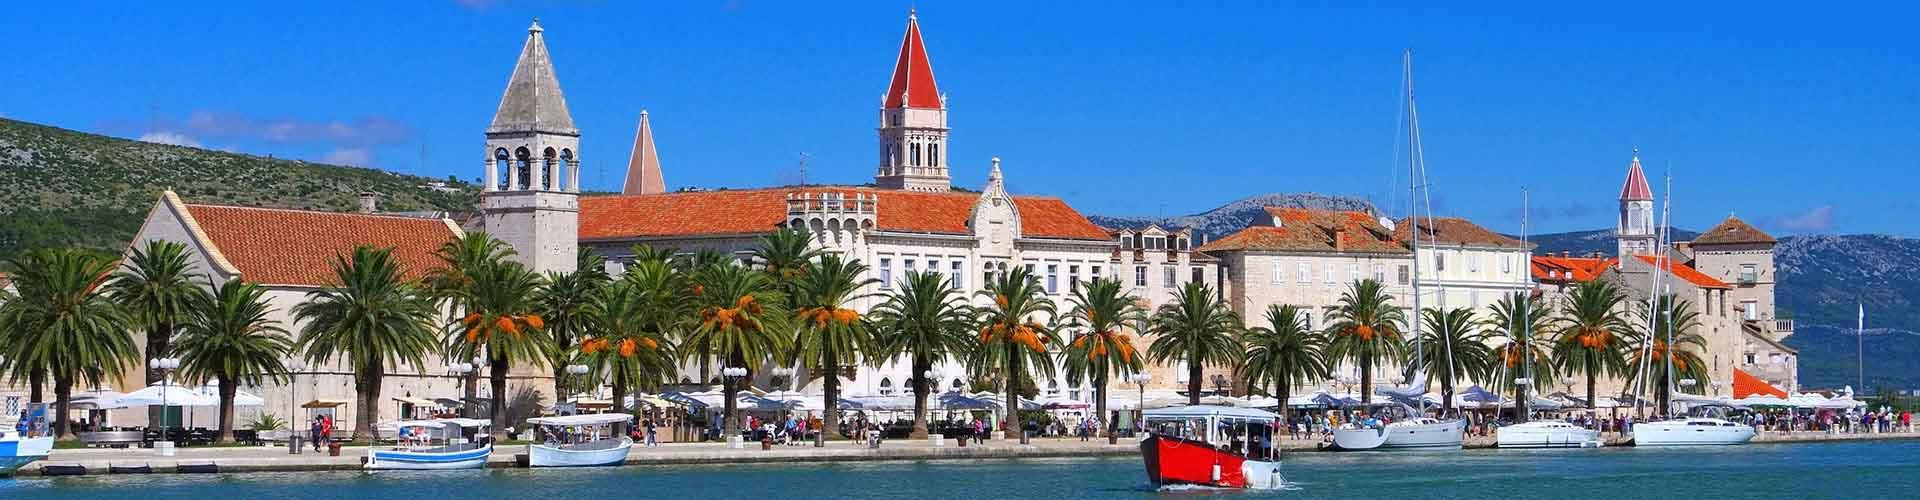 Trogir - Hoteles baratos en Trogir. Mapas de Trogir, Fotos y comentarios de cada Hotel en Trogir.